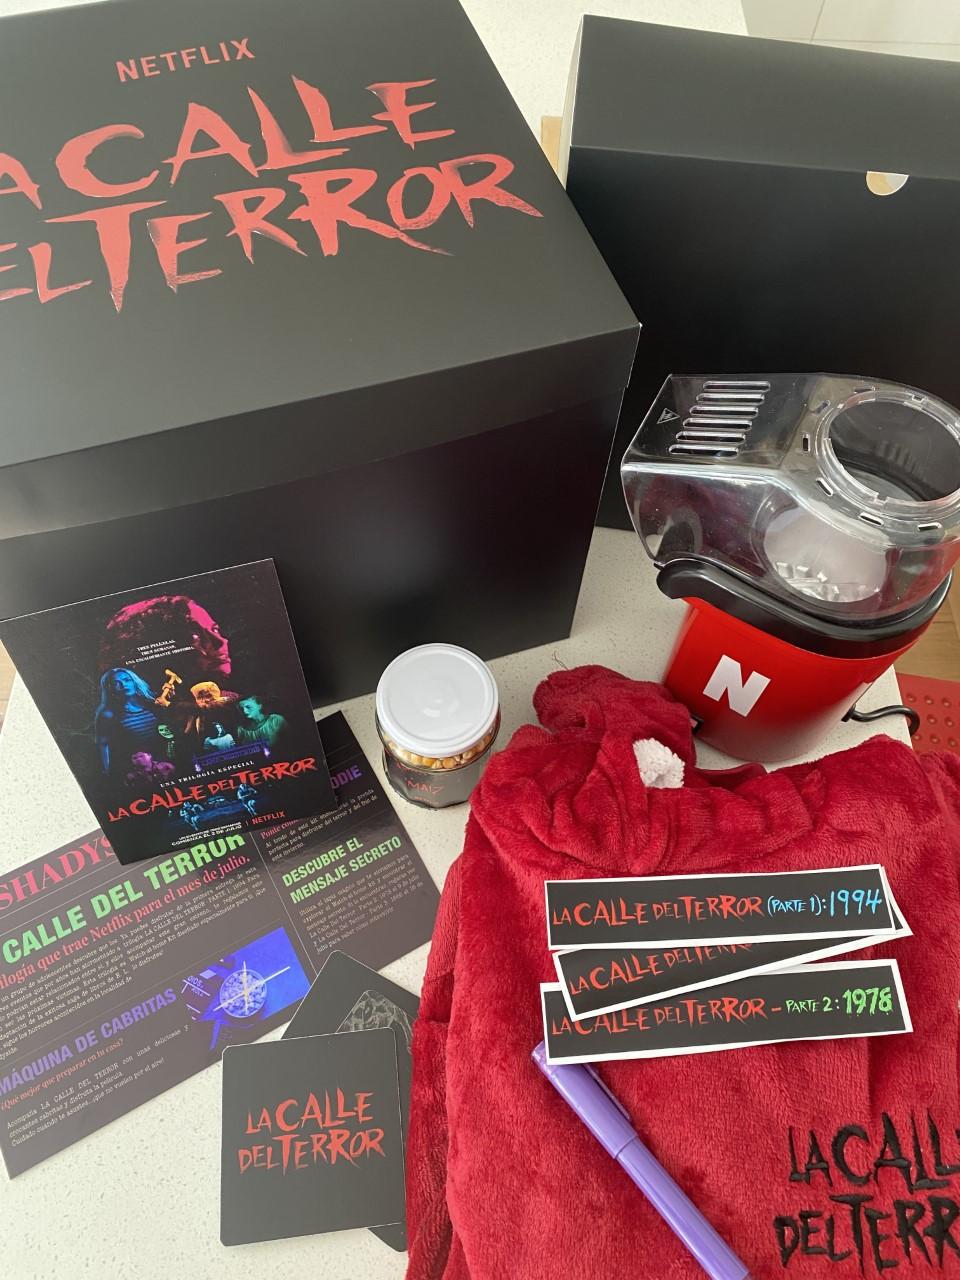 Thumbnail_Netflix FS Contest Box 1a